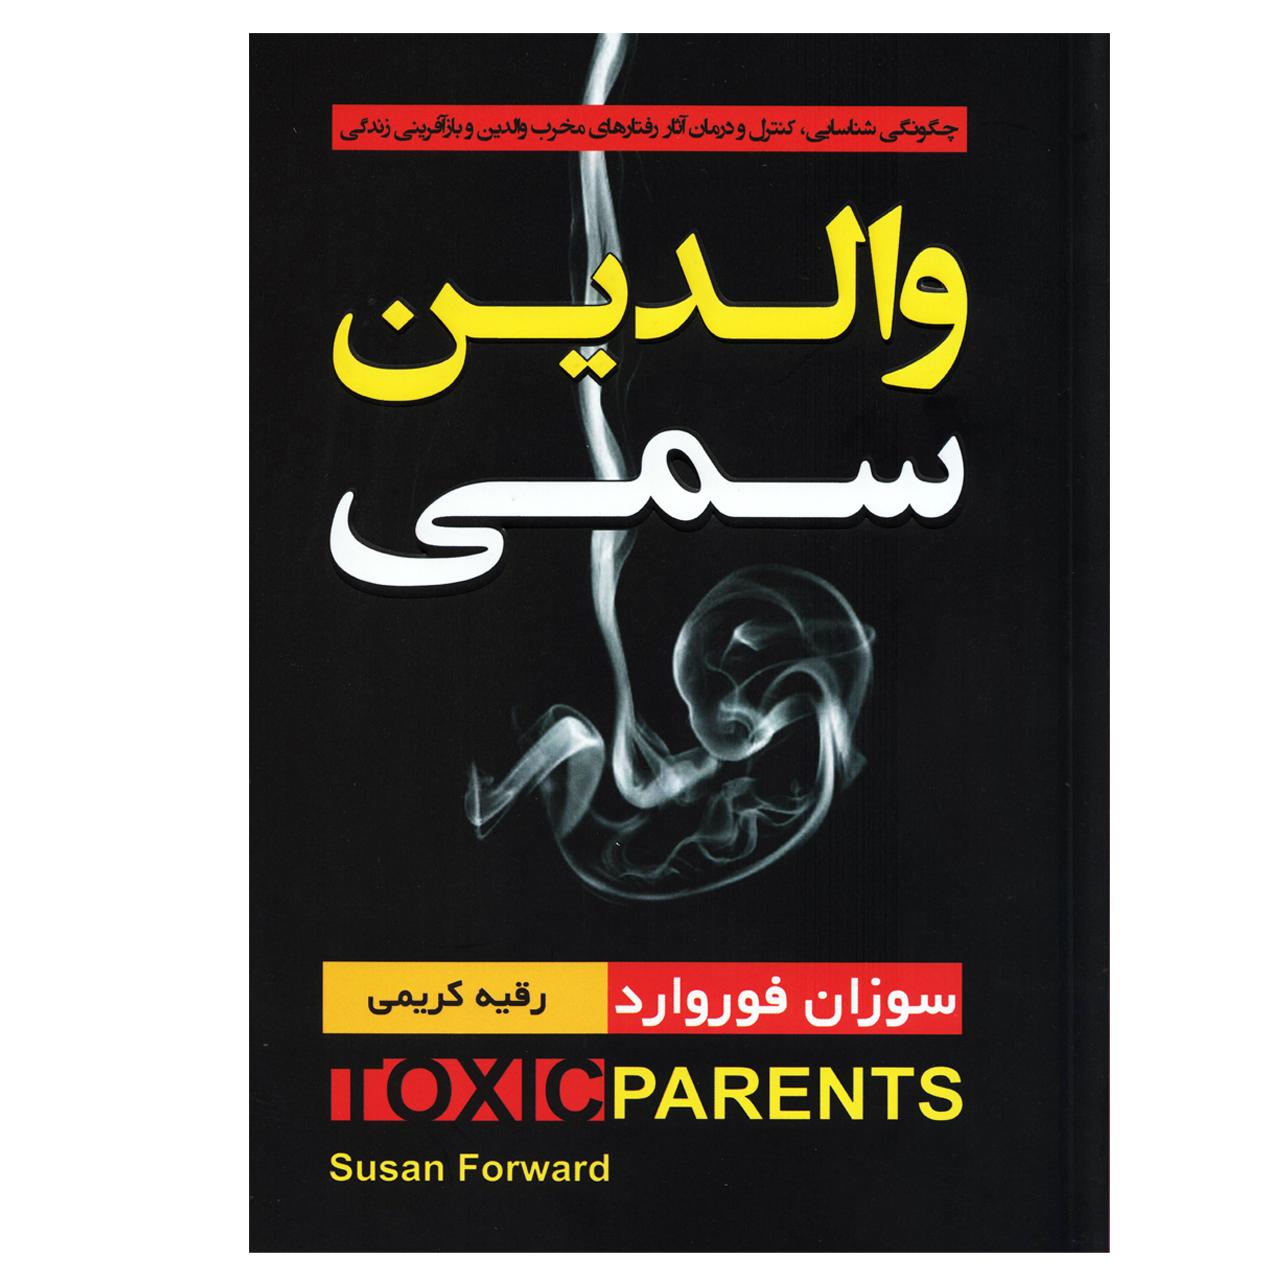 خرید                      کتاب والدین سمی اثر سوزان فوروارد انتشارات آتیسا